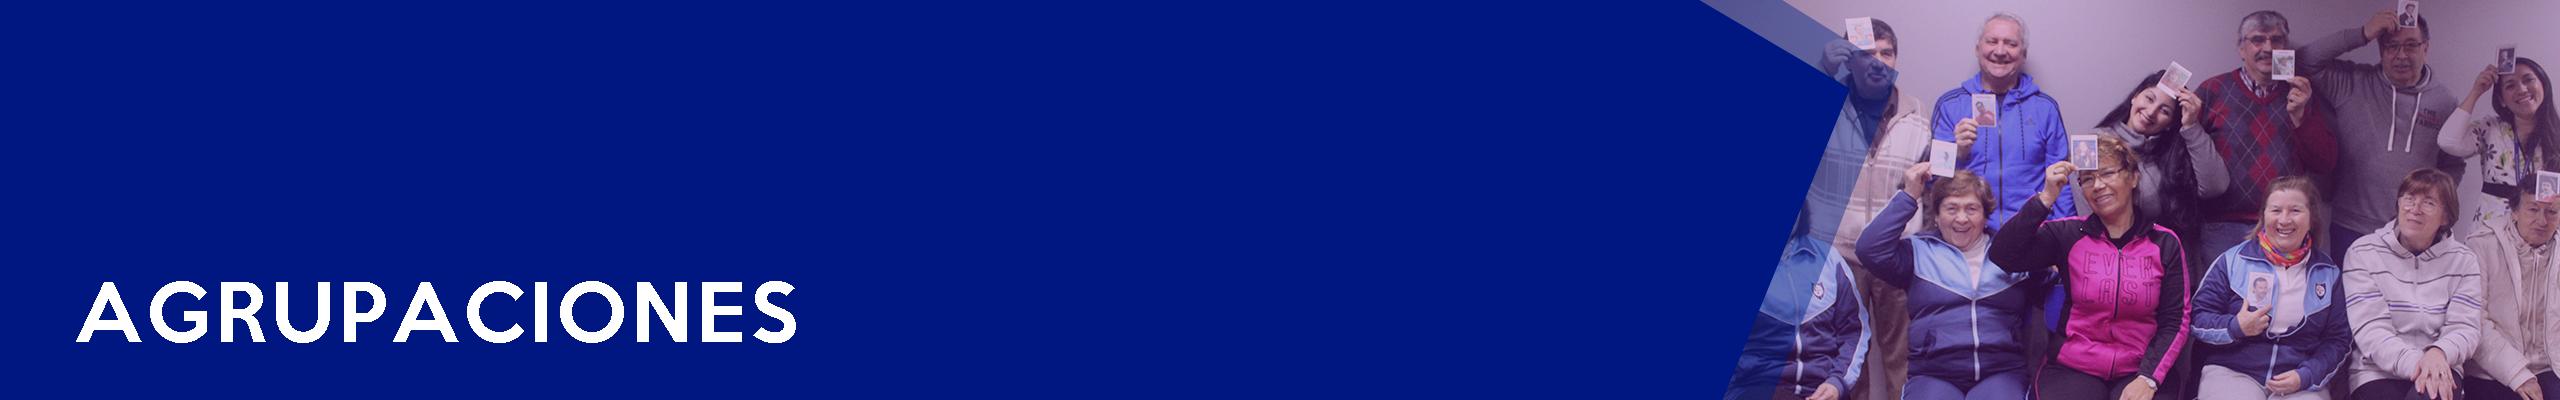 cabecera-agrupaciones